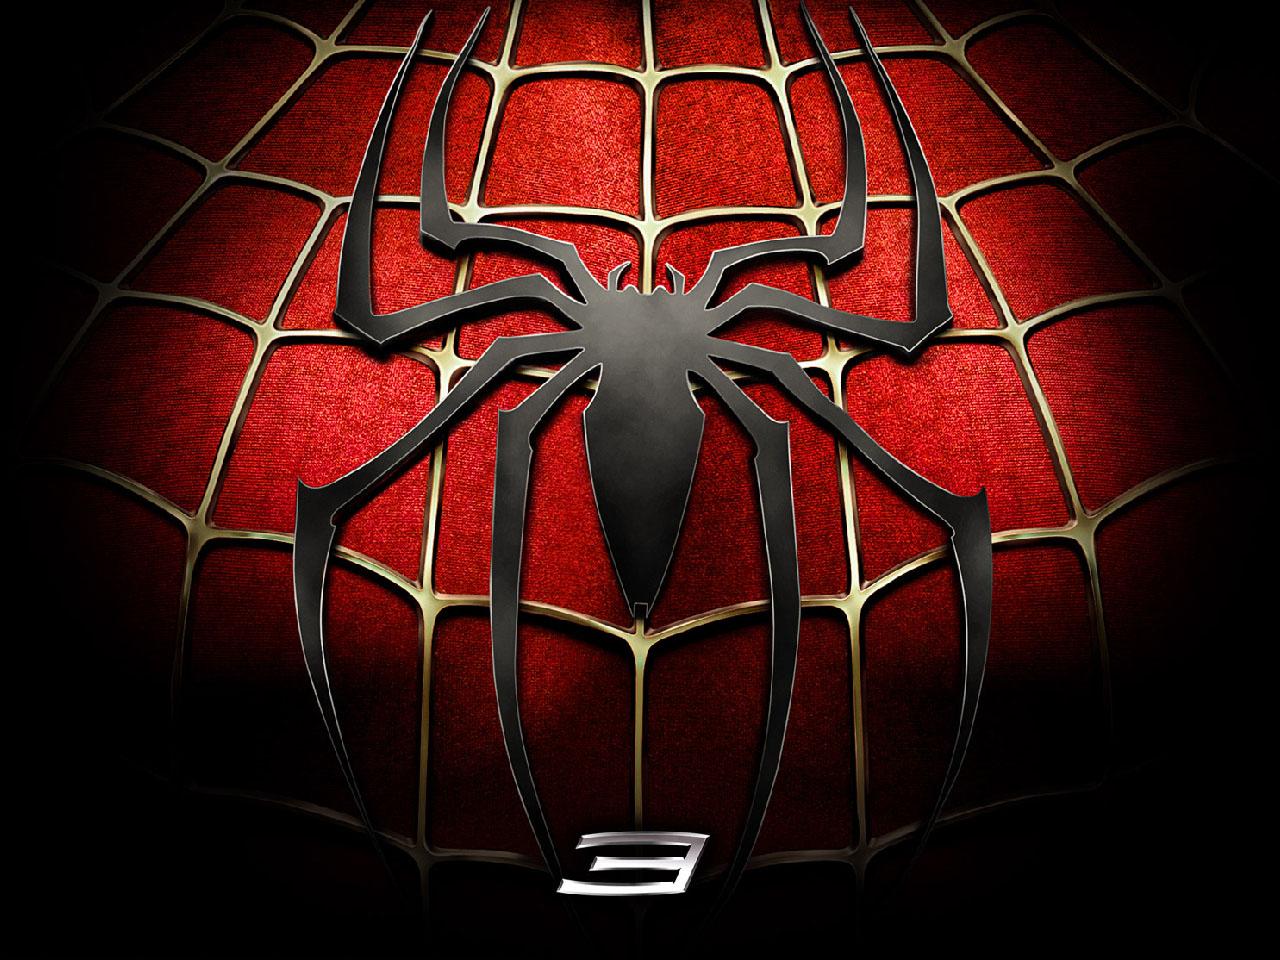 红蜘蛛 红蜘蛛Spiderman精美主题 V3.0 精美主题大图预览 红蜘蛛 红蜘蛛Spiderman精美主题 V3.0 精美主题图片